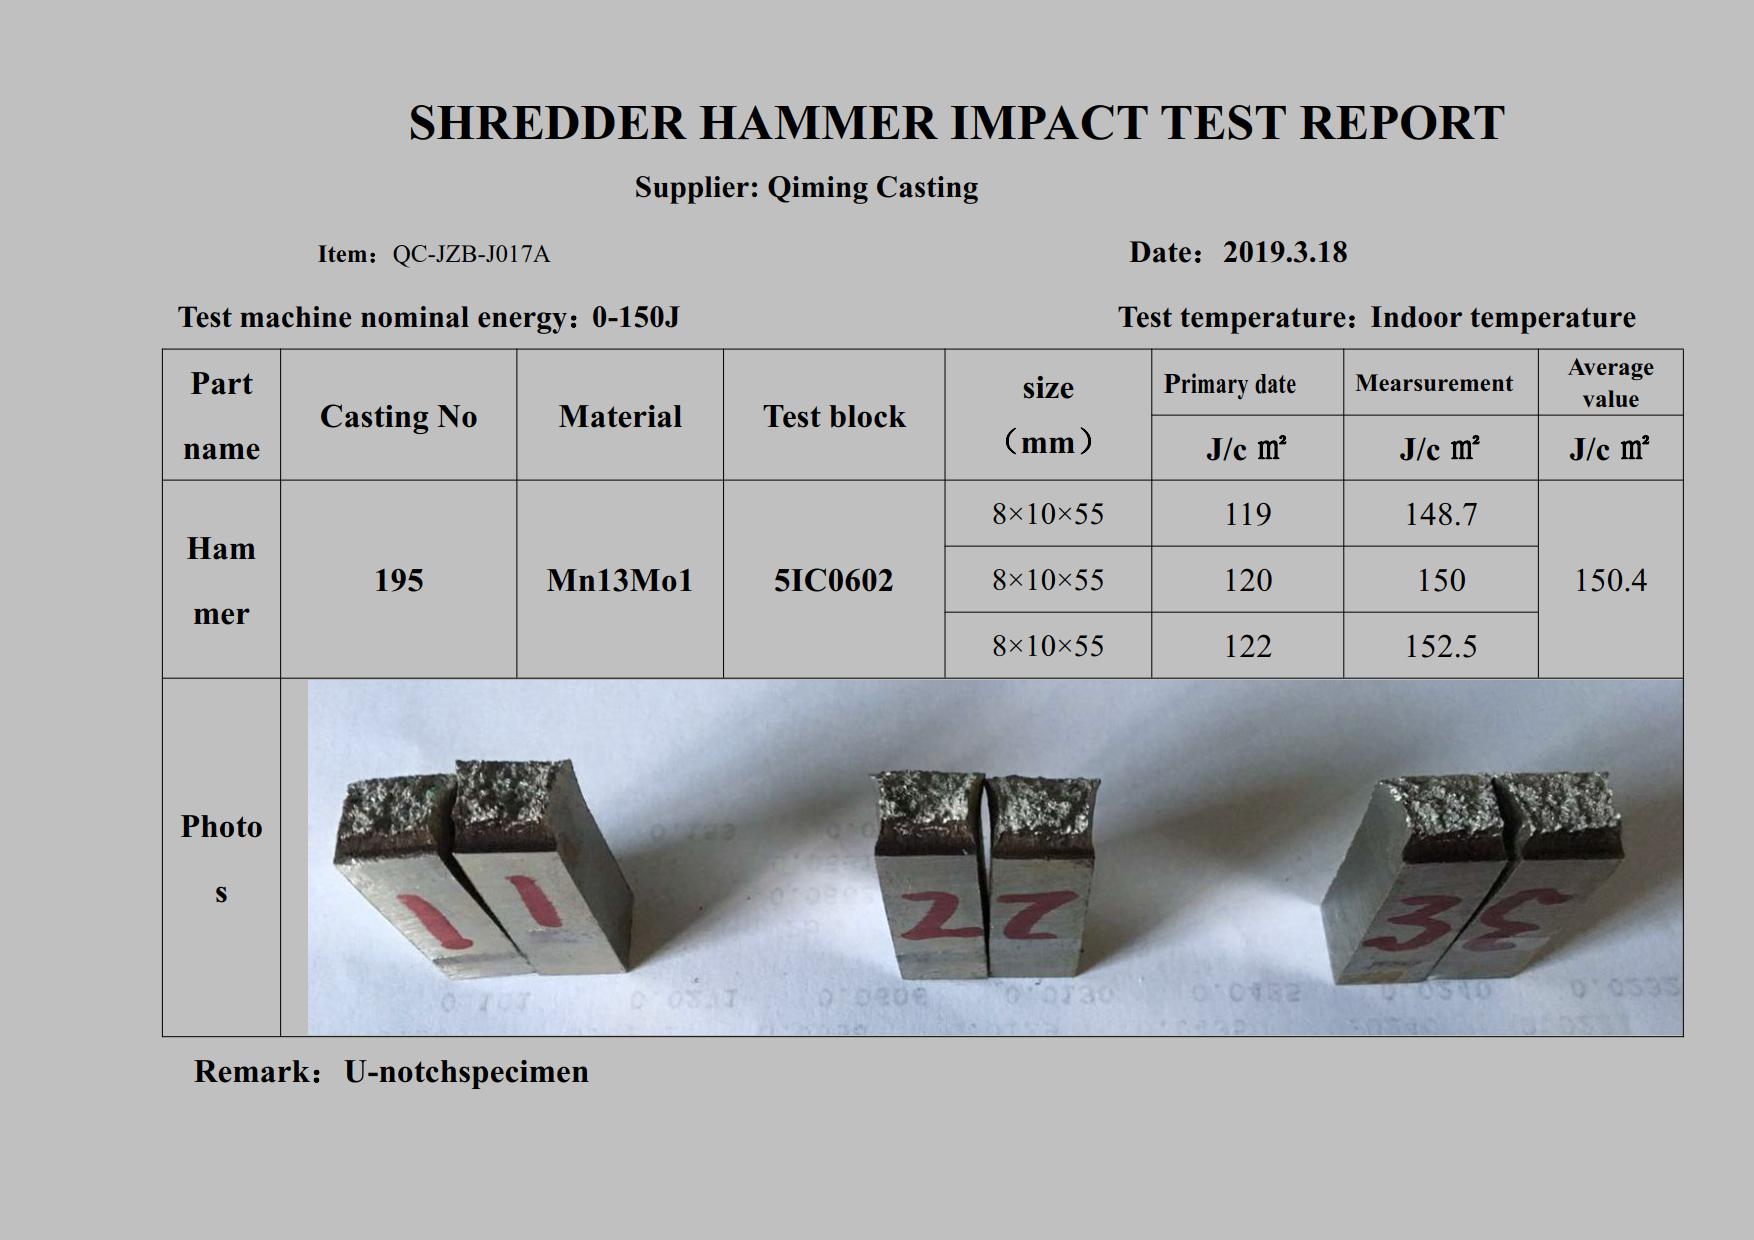 Rapporto di prova di impatto del martello trituratore